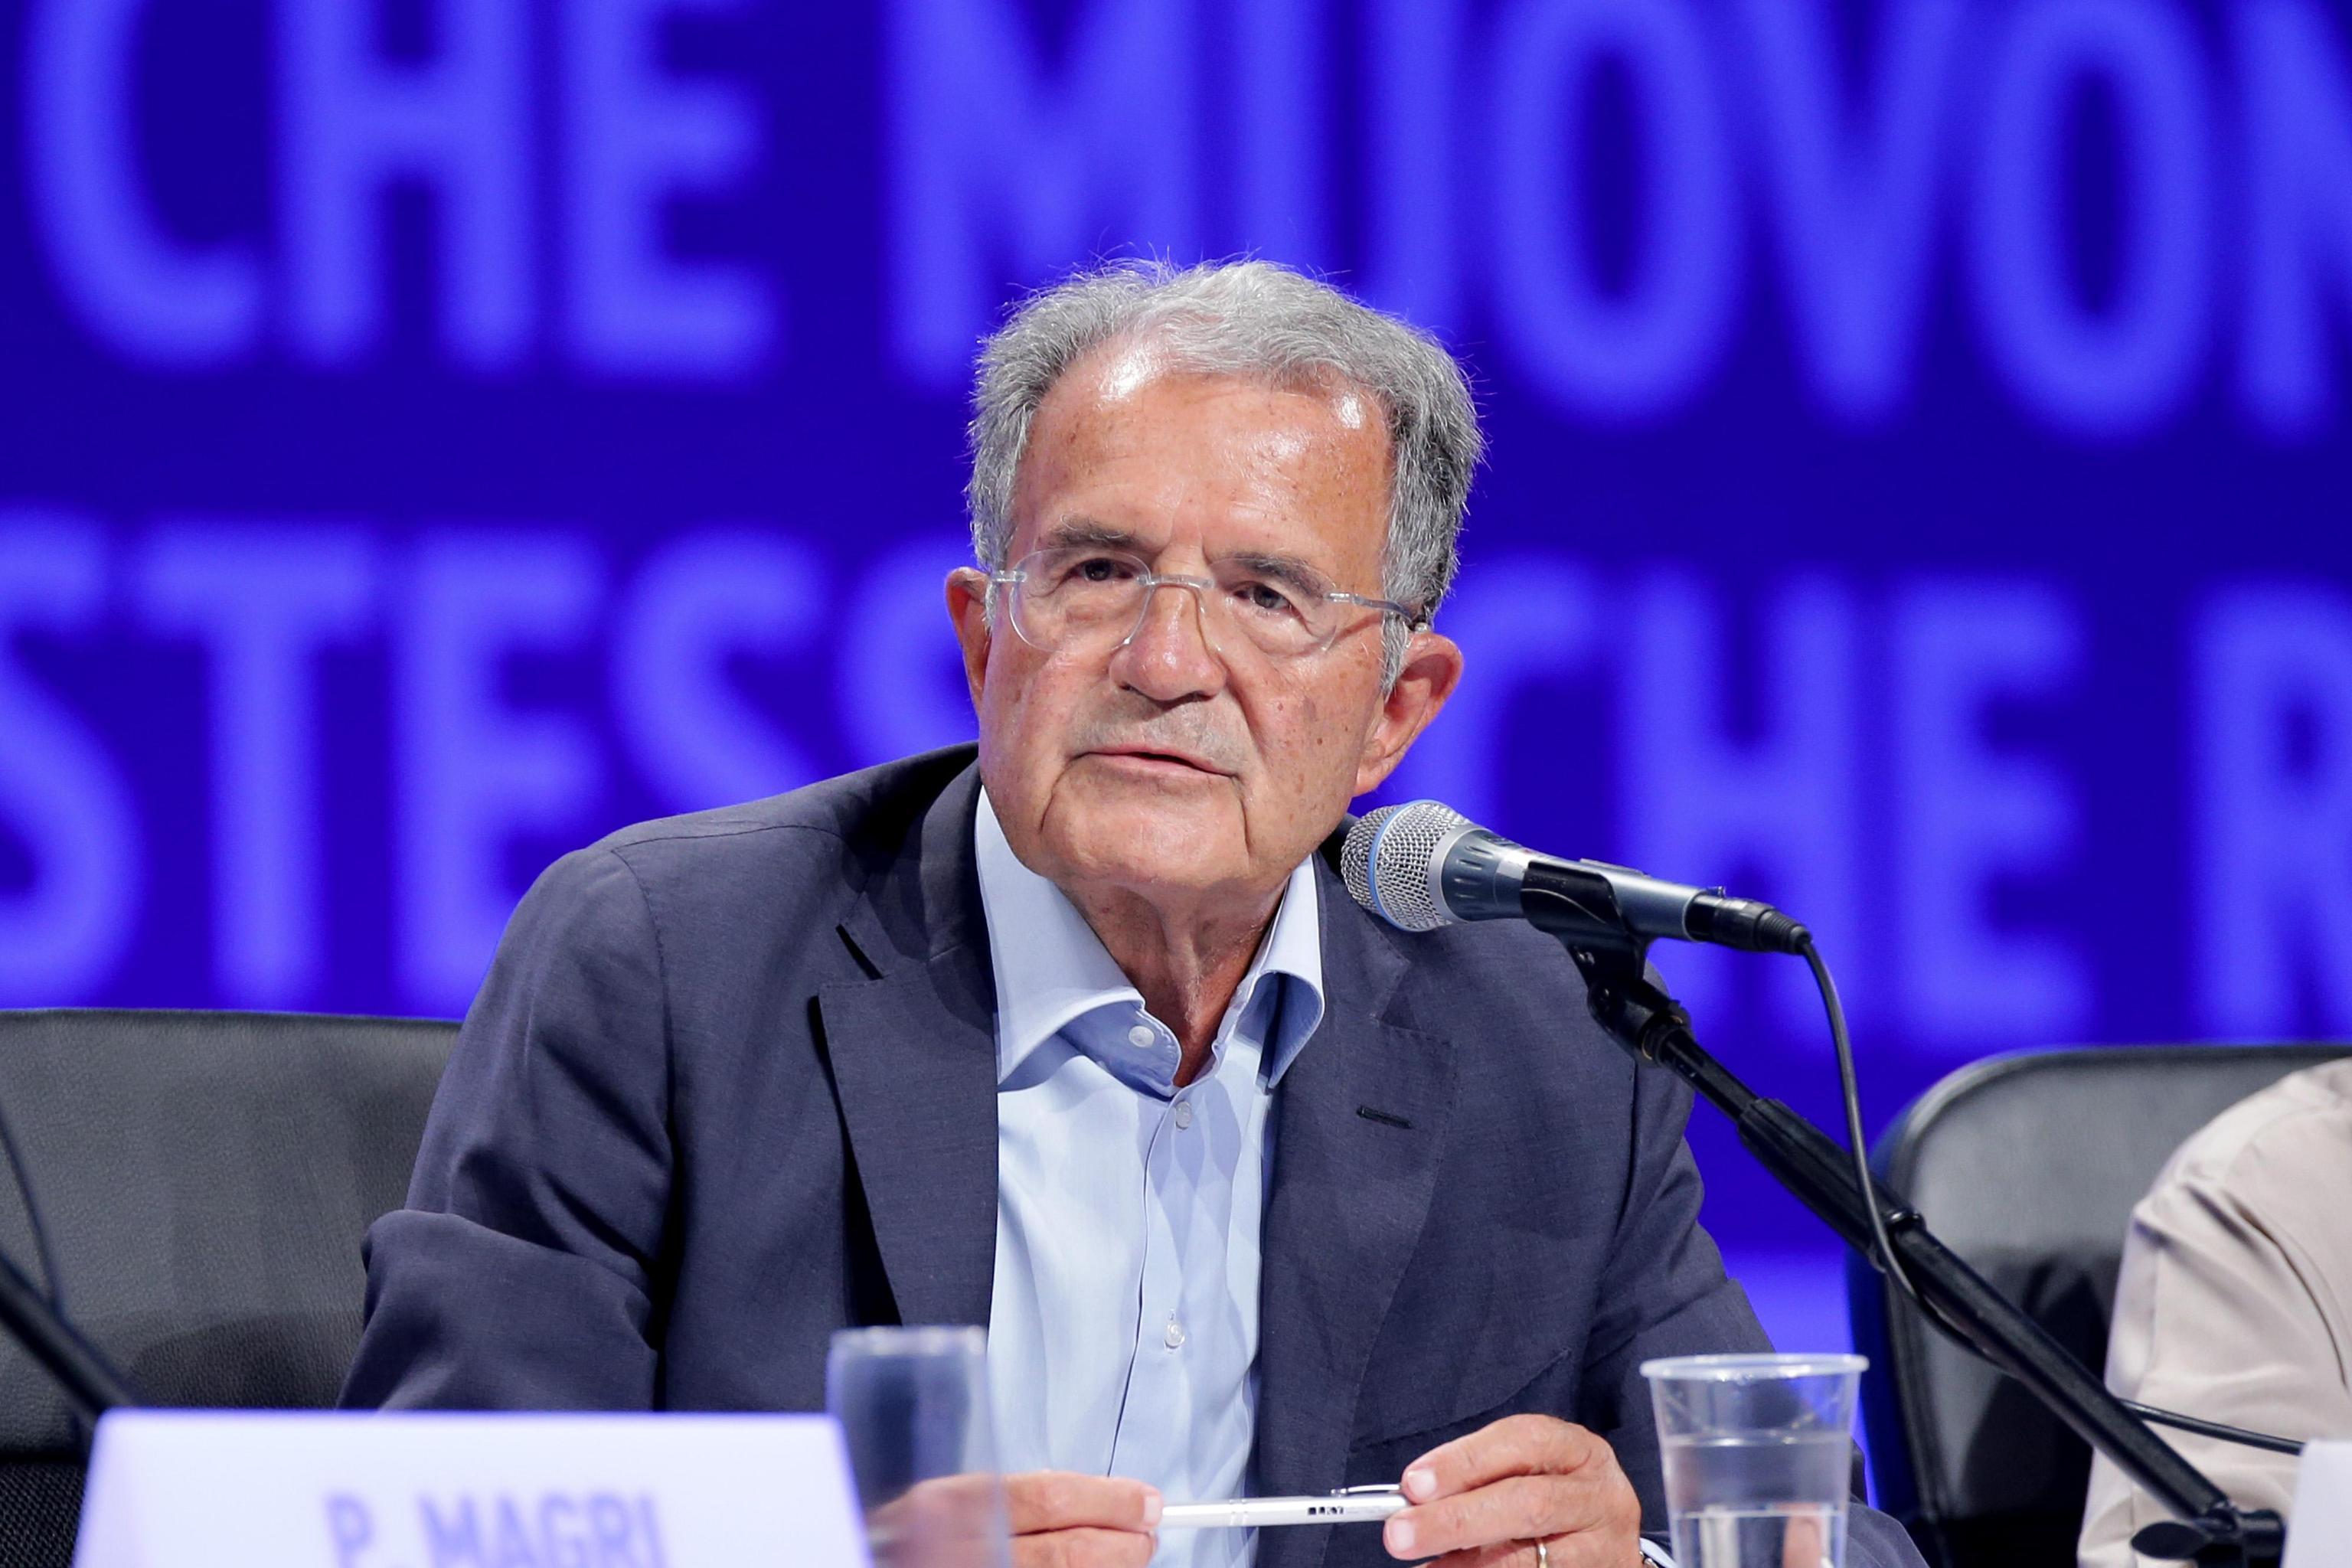 """Prodi: """"Gli operai guadagnano 200 volte in meno dei manager ma non si fa nulla"""""""